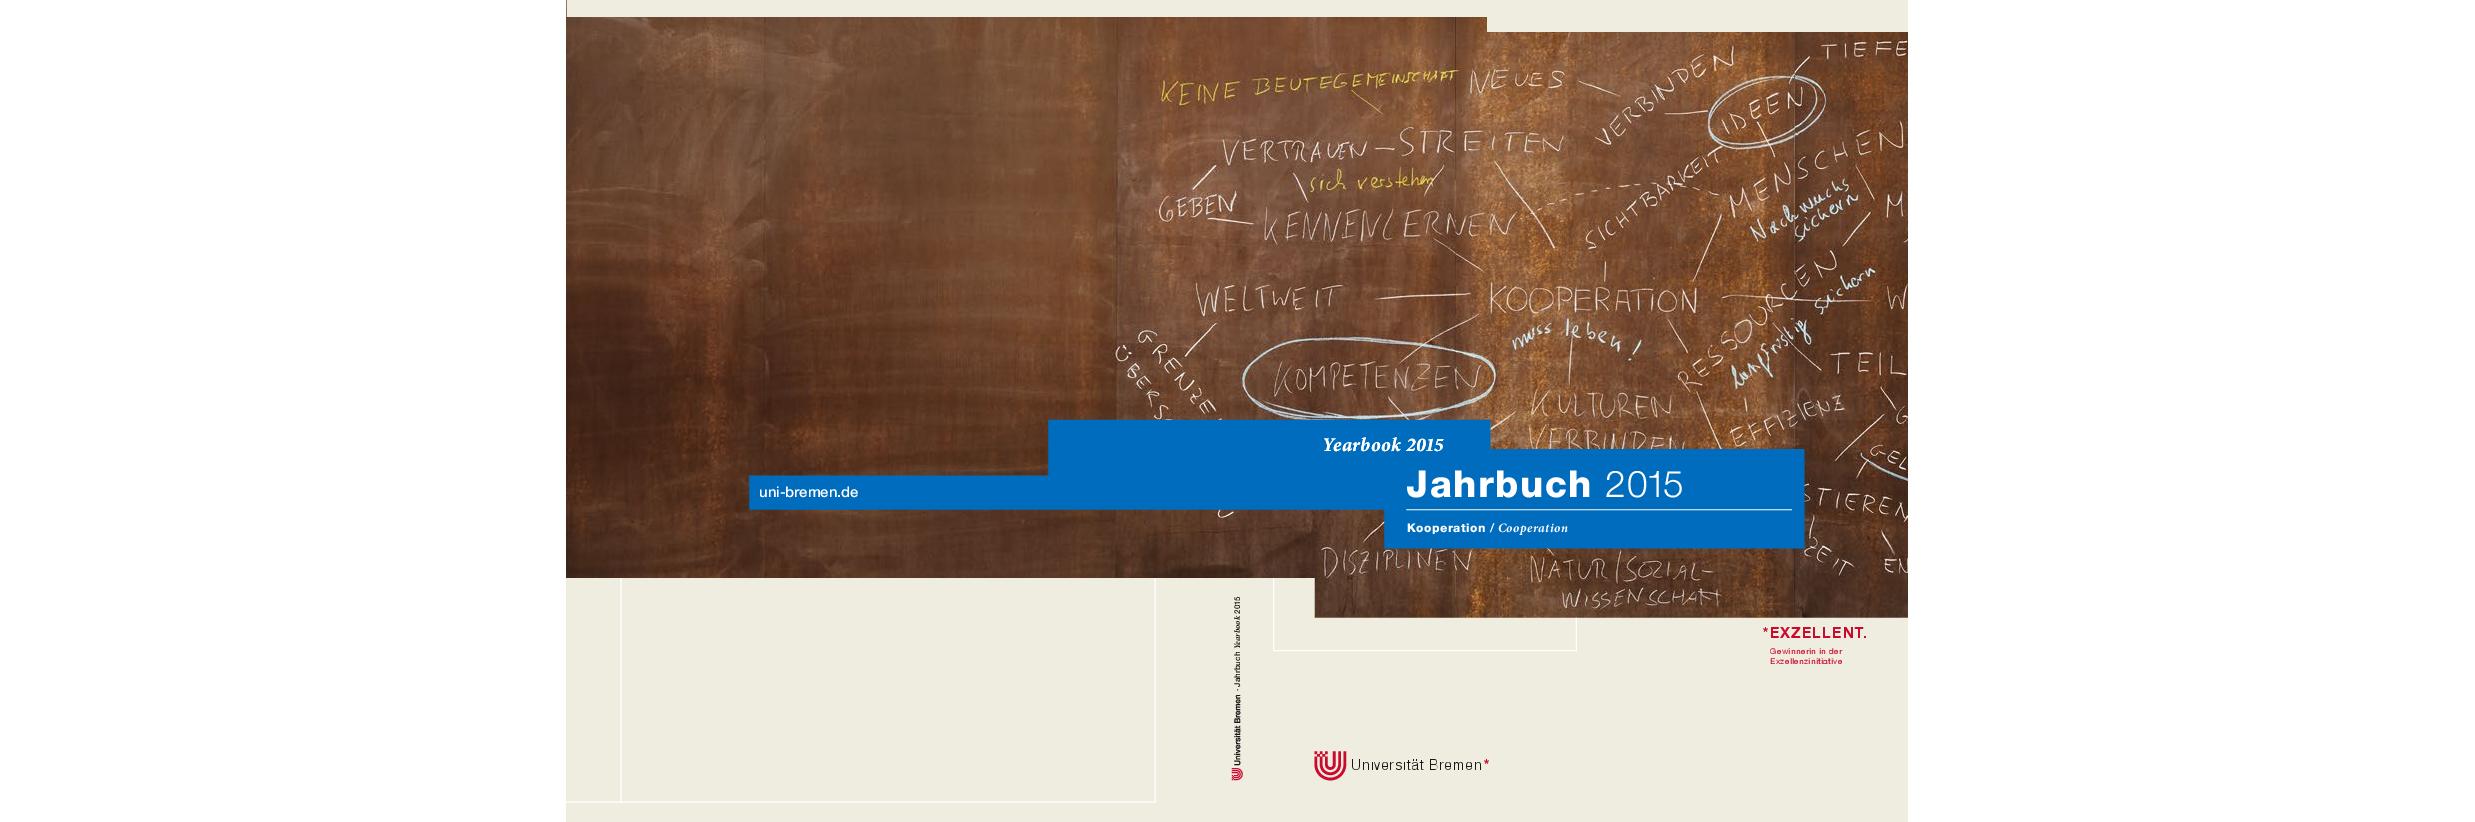 csm_Jahrbuch_Universitaet_Bremen_2015_b89729695a.png